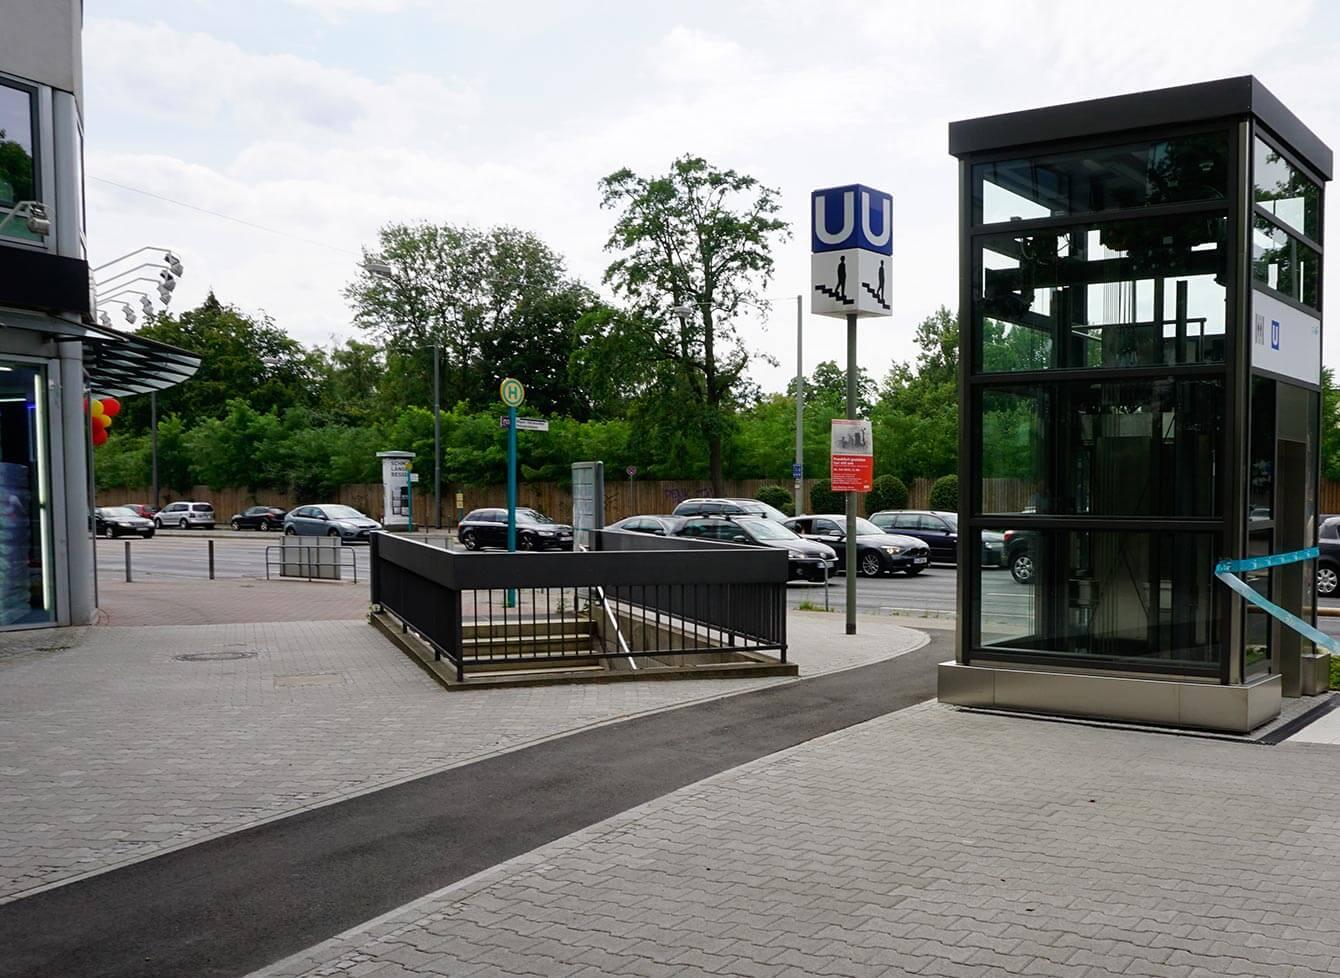 """Verglaste Aufzugsanlage Miquel-/Adickesallee von außen am Eröffnungstag. Daneben die Treppe zur unterirdischen Haltestelle, ein blaues Schild mit einem """"U"""" darauf und darunter ein weißes mit einer Person die die Treppe herunter läuft."""